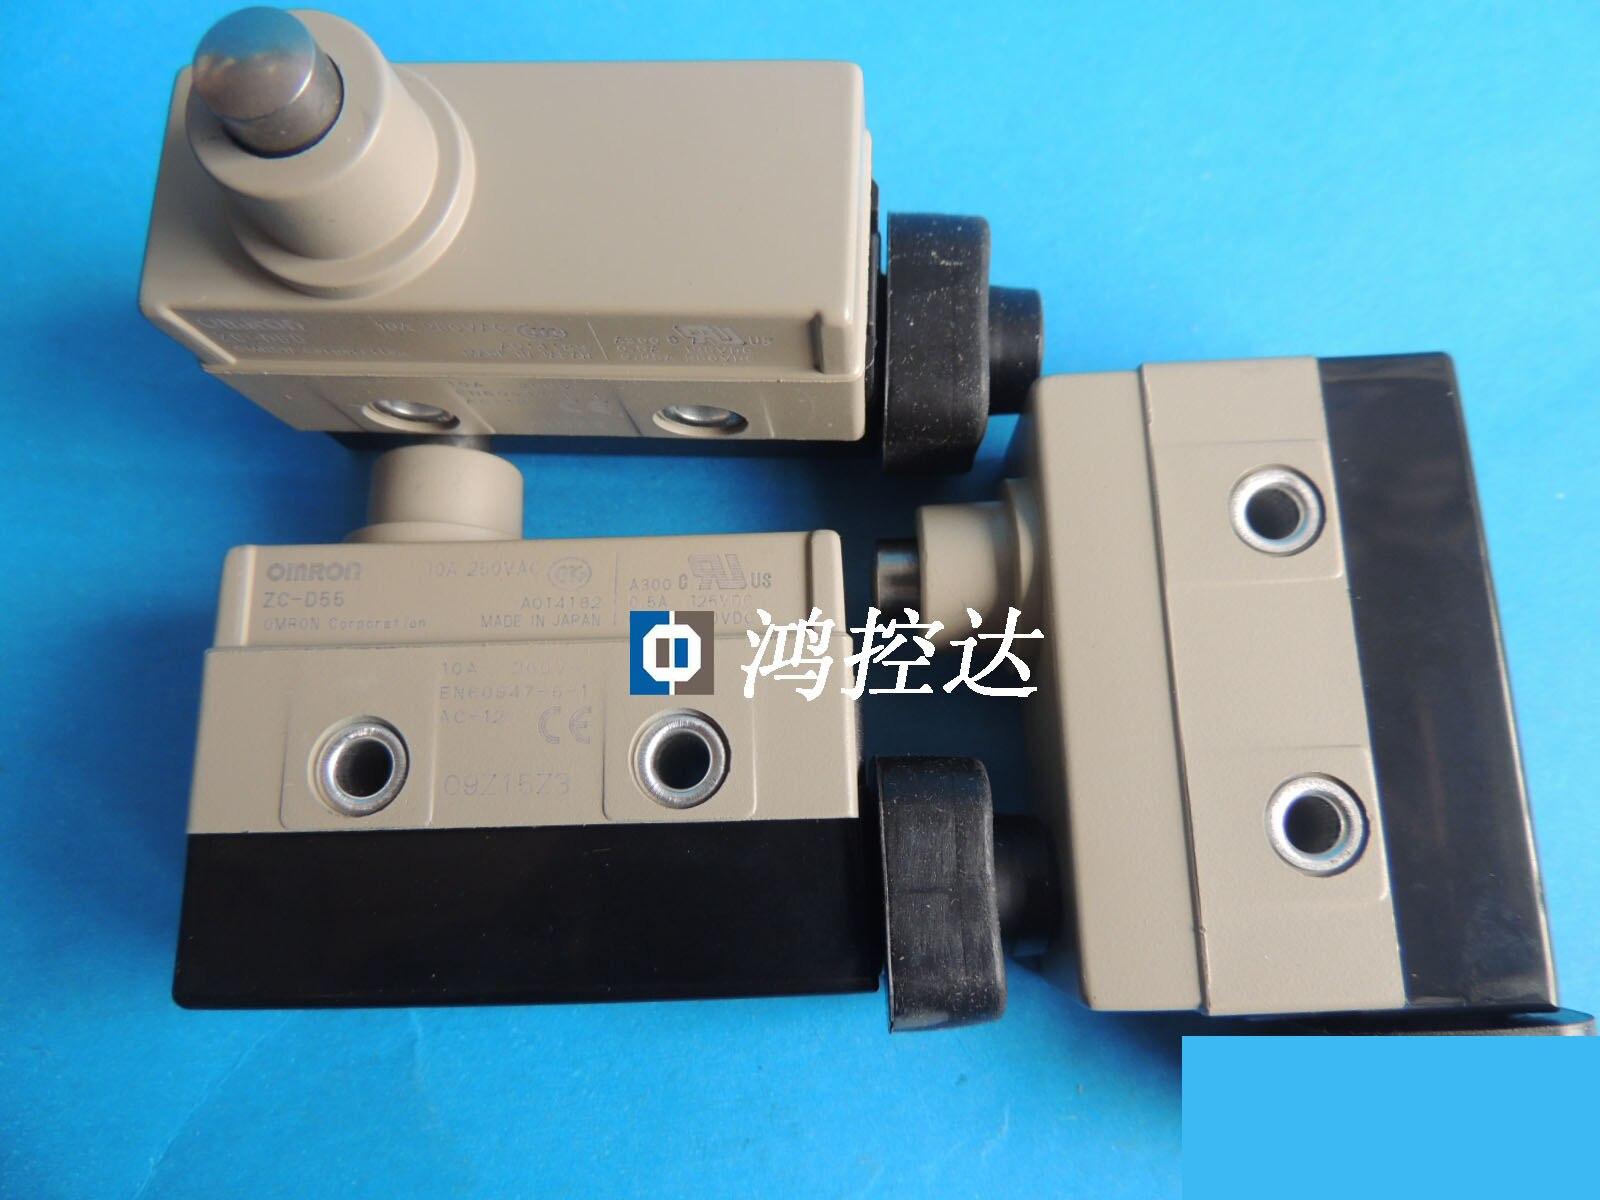 Nuovo Limite di Interruttore ZC-D55/ZC-Q55Nuovo Limite di Interruttore ZC-D55/ZC-Q55